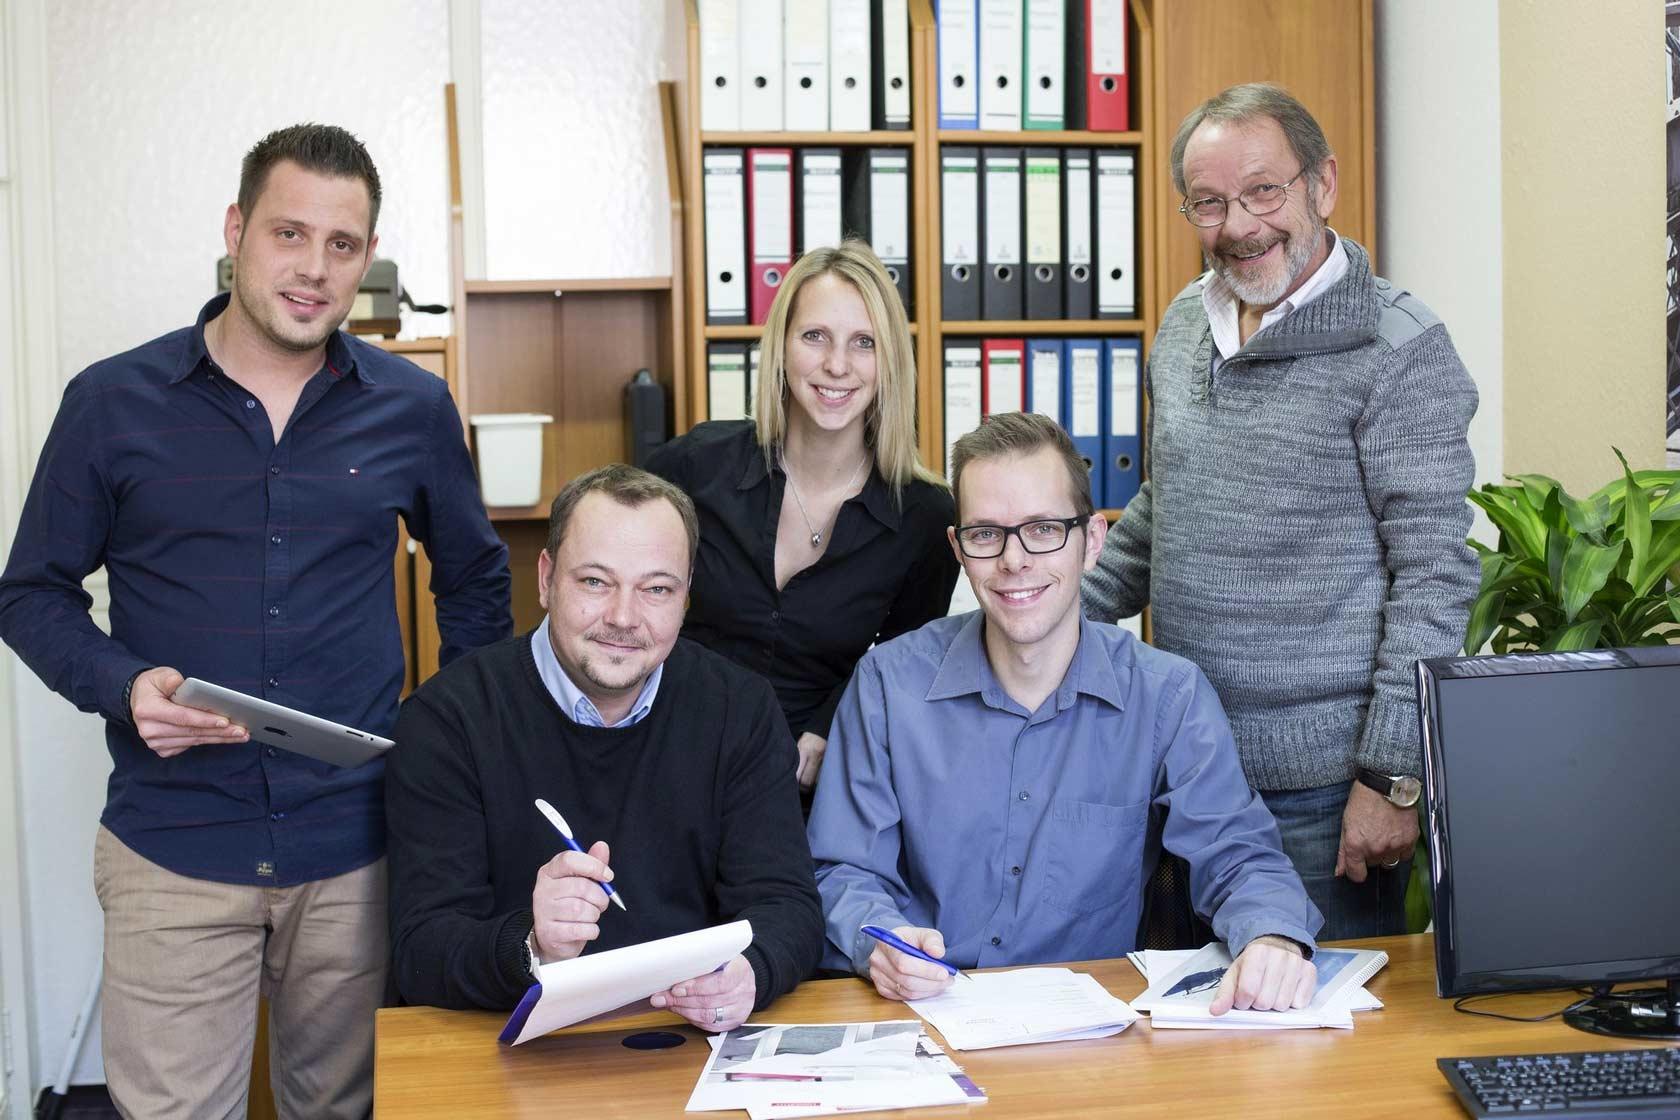 MACHA Glas- und Gebäudereinigung GmbH